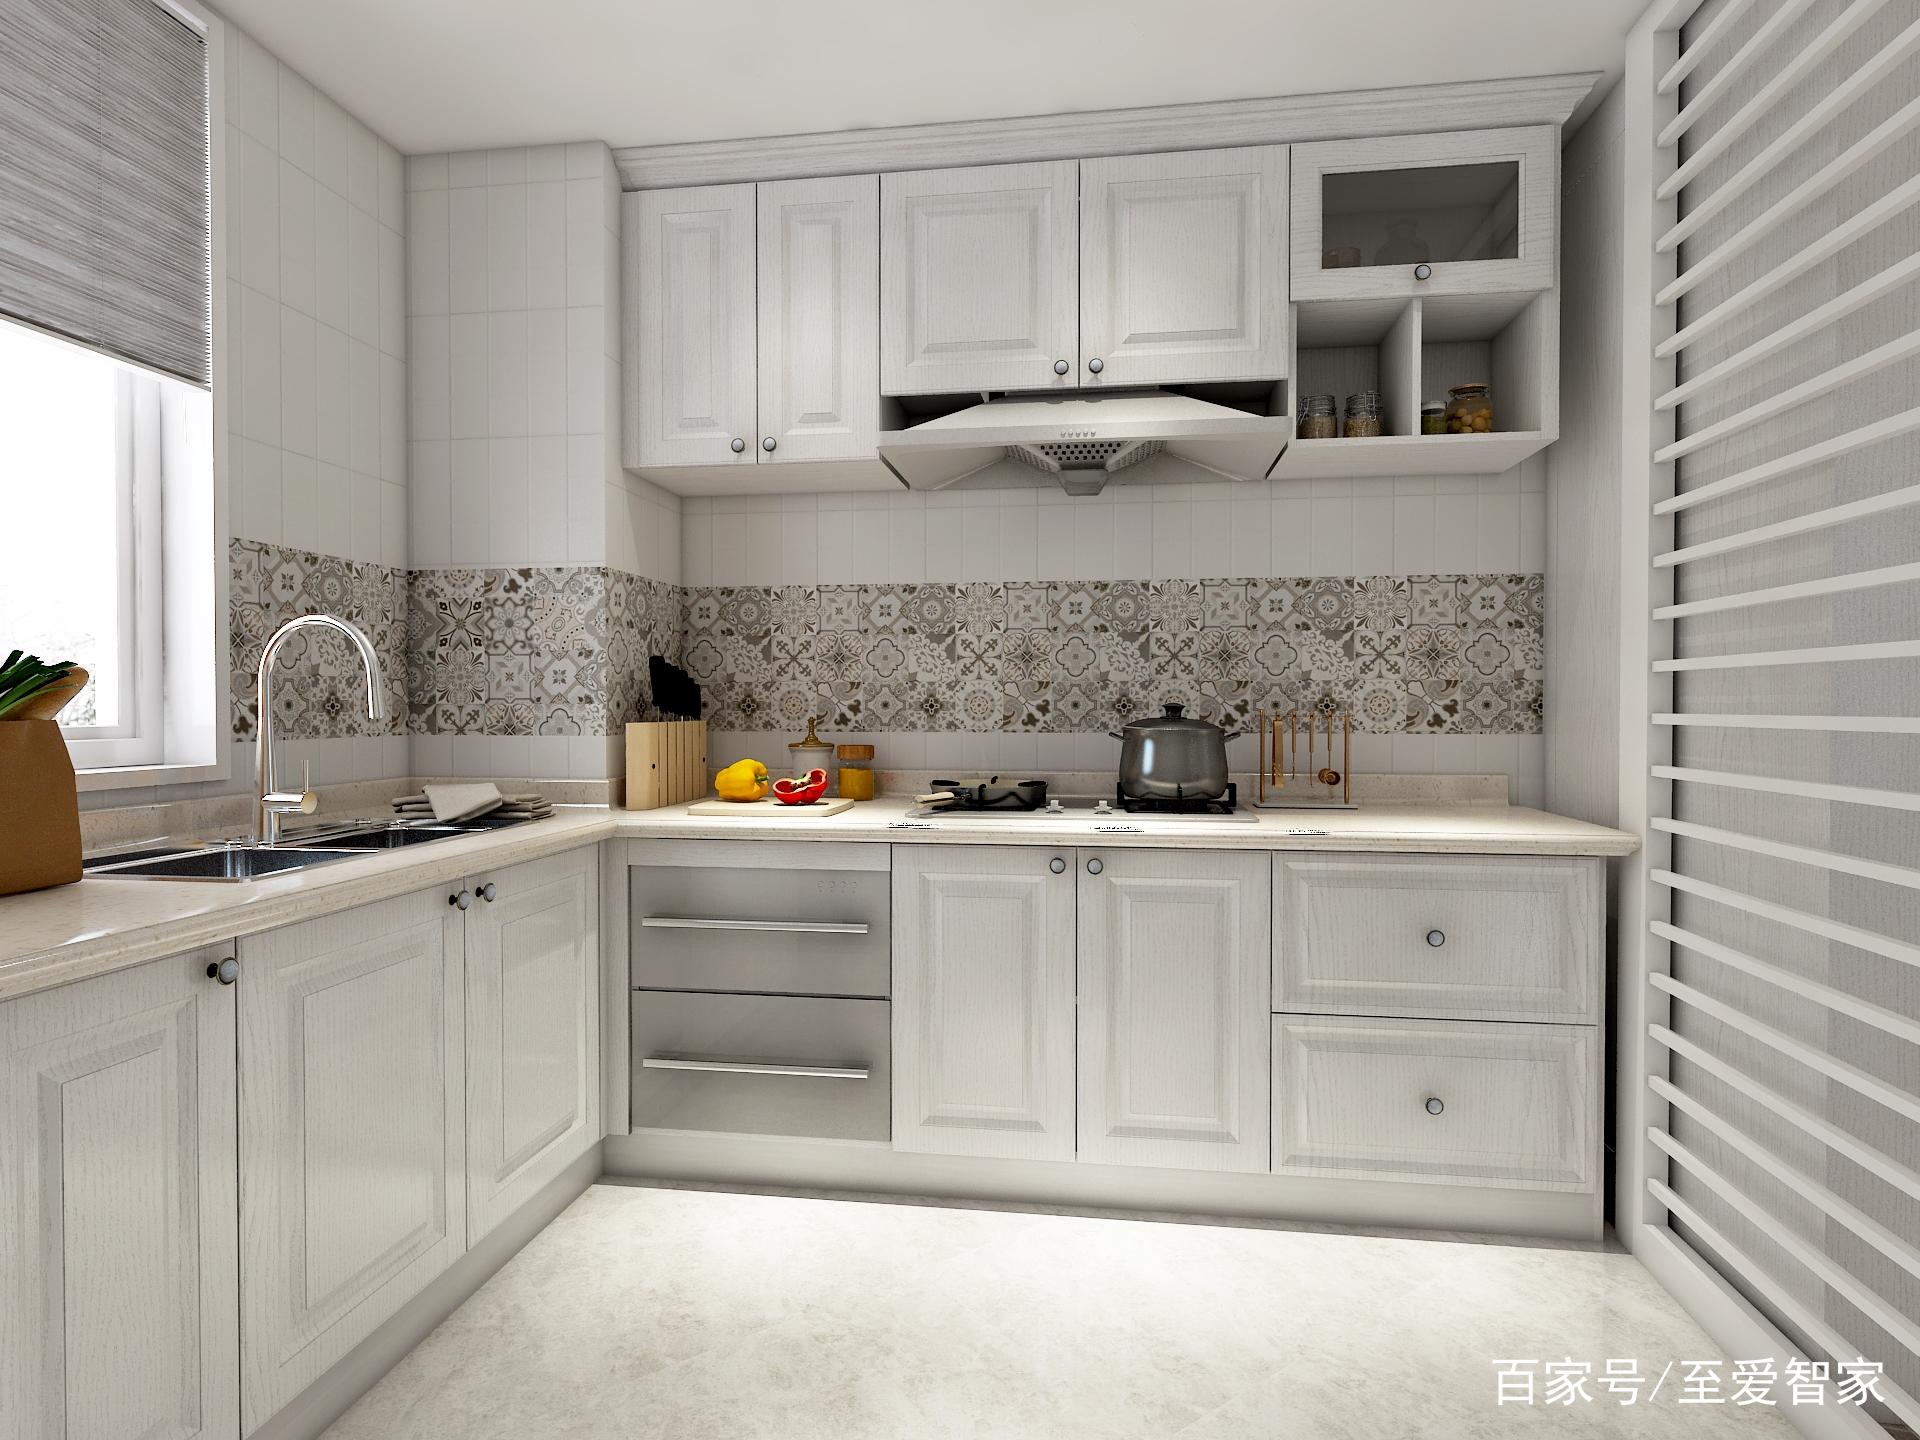 这个比较适合正方形的小厨房.